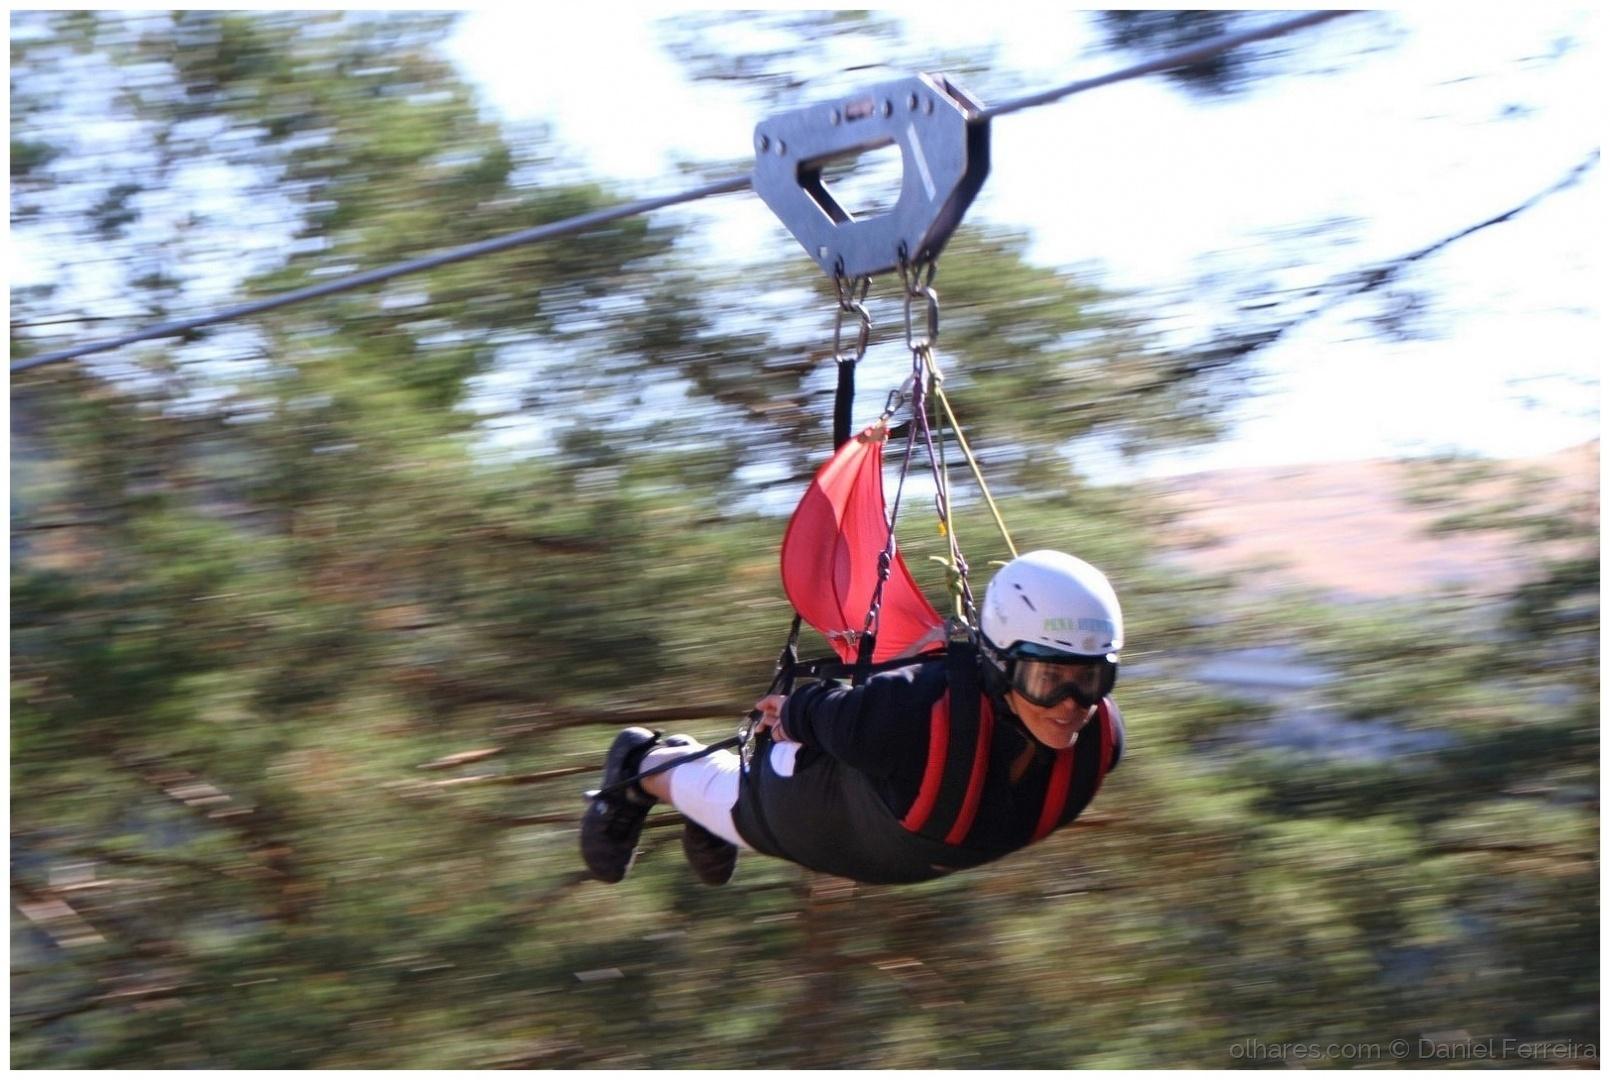 Desporto e Ação/Um voo entre montanhas